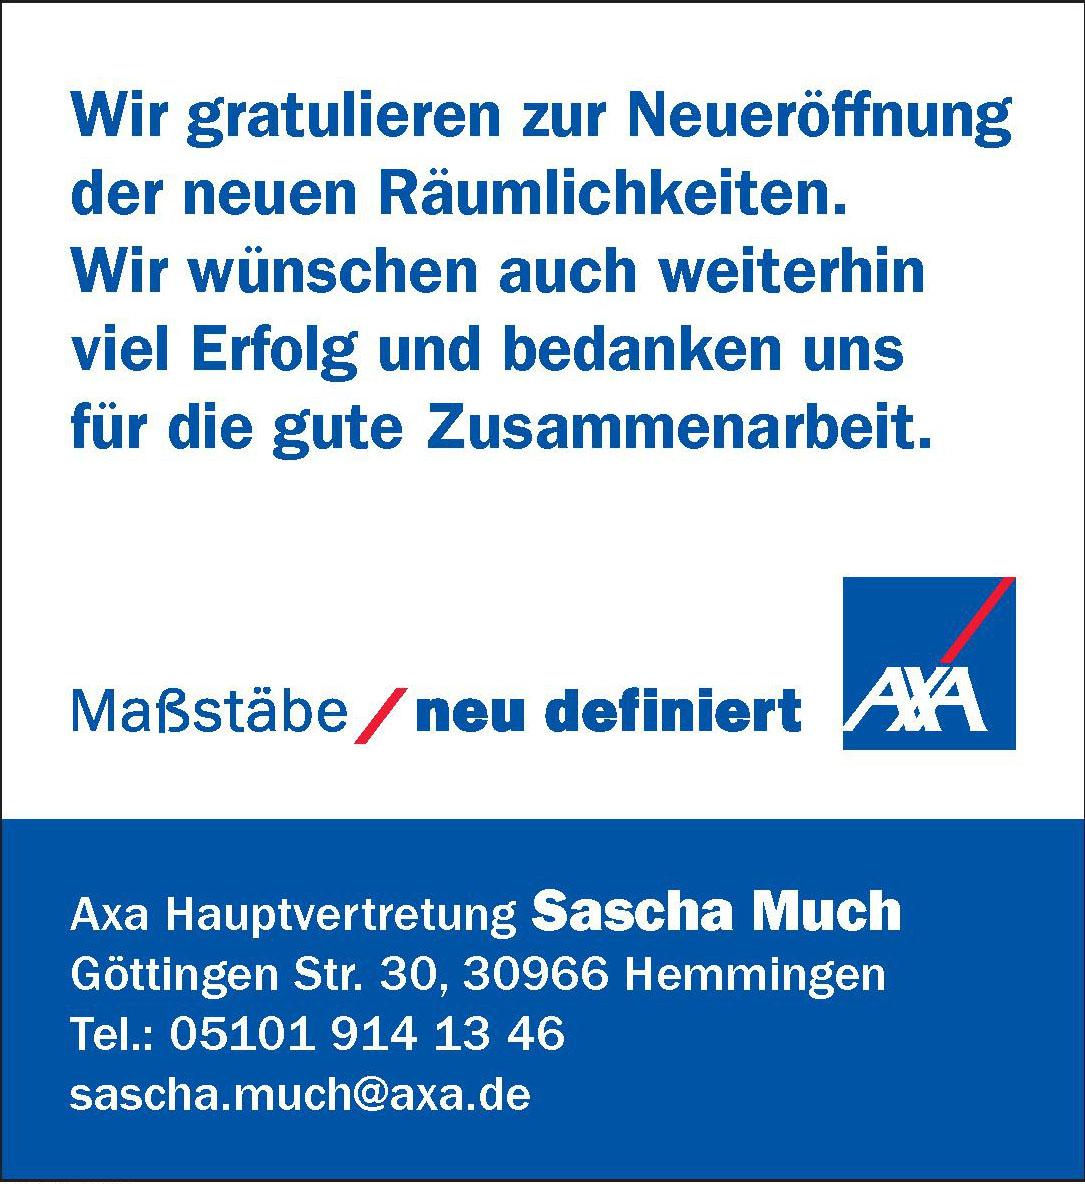 Axa Hauptvertretung Sascha Much